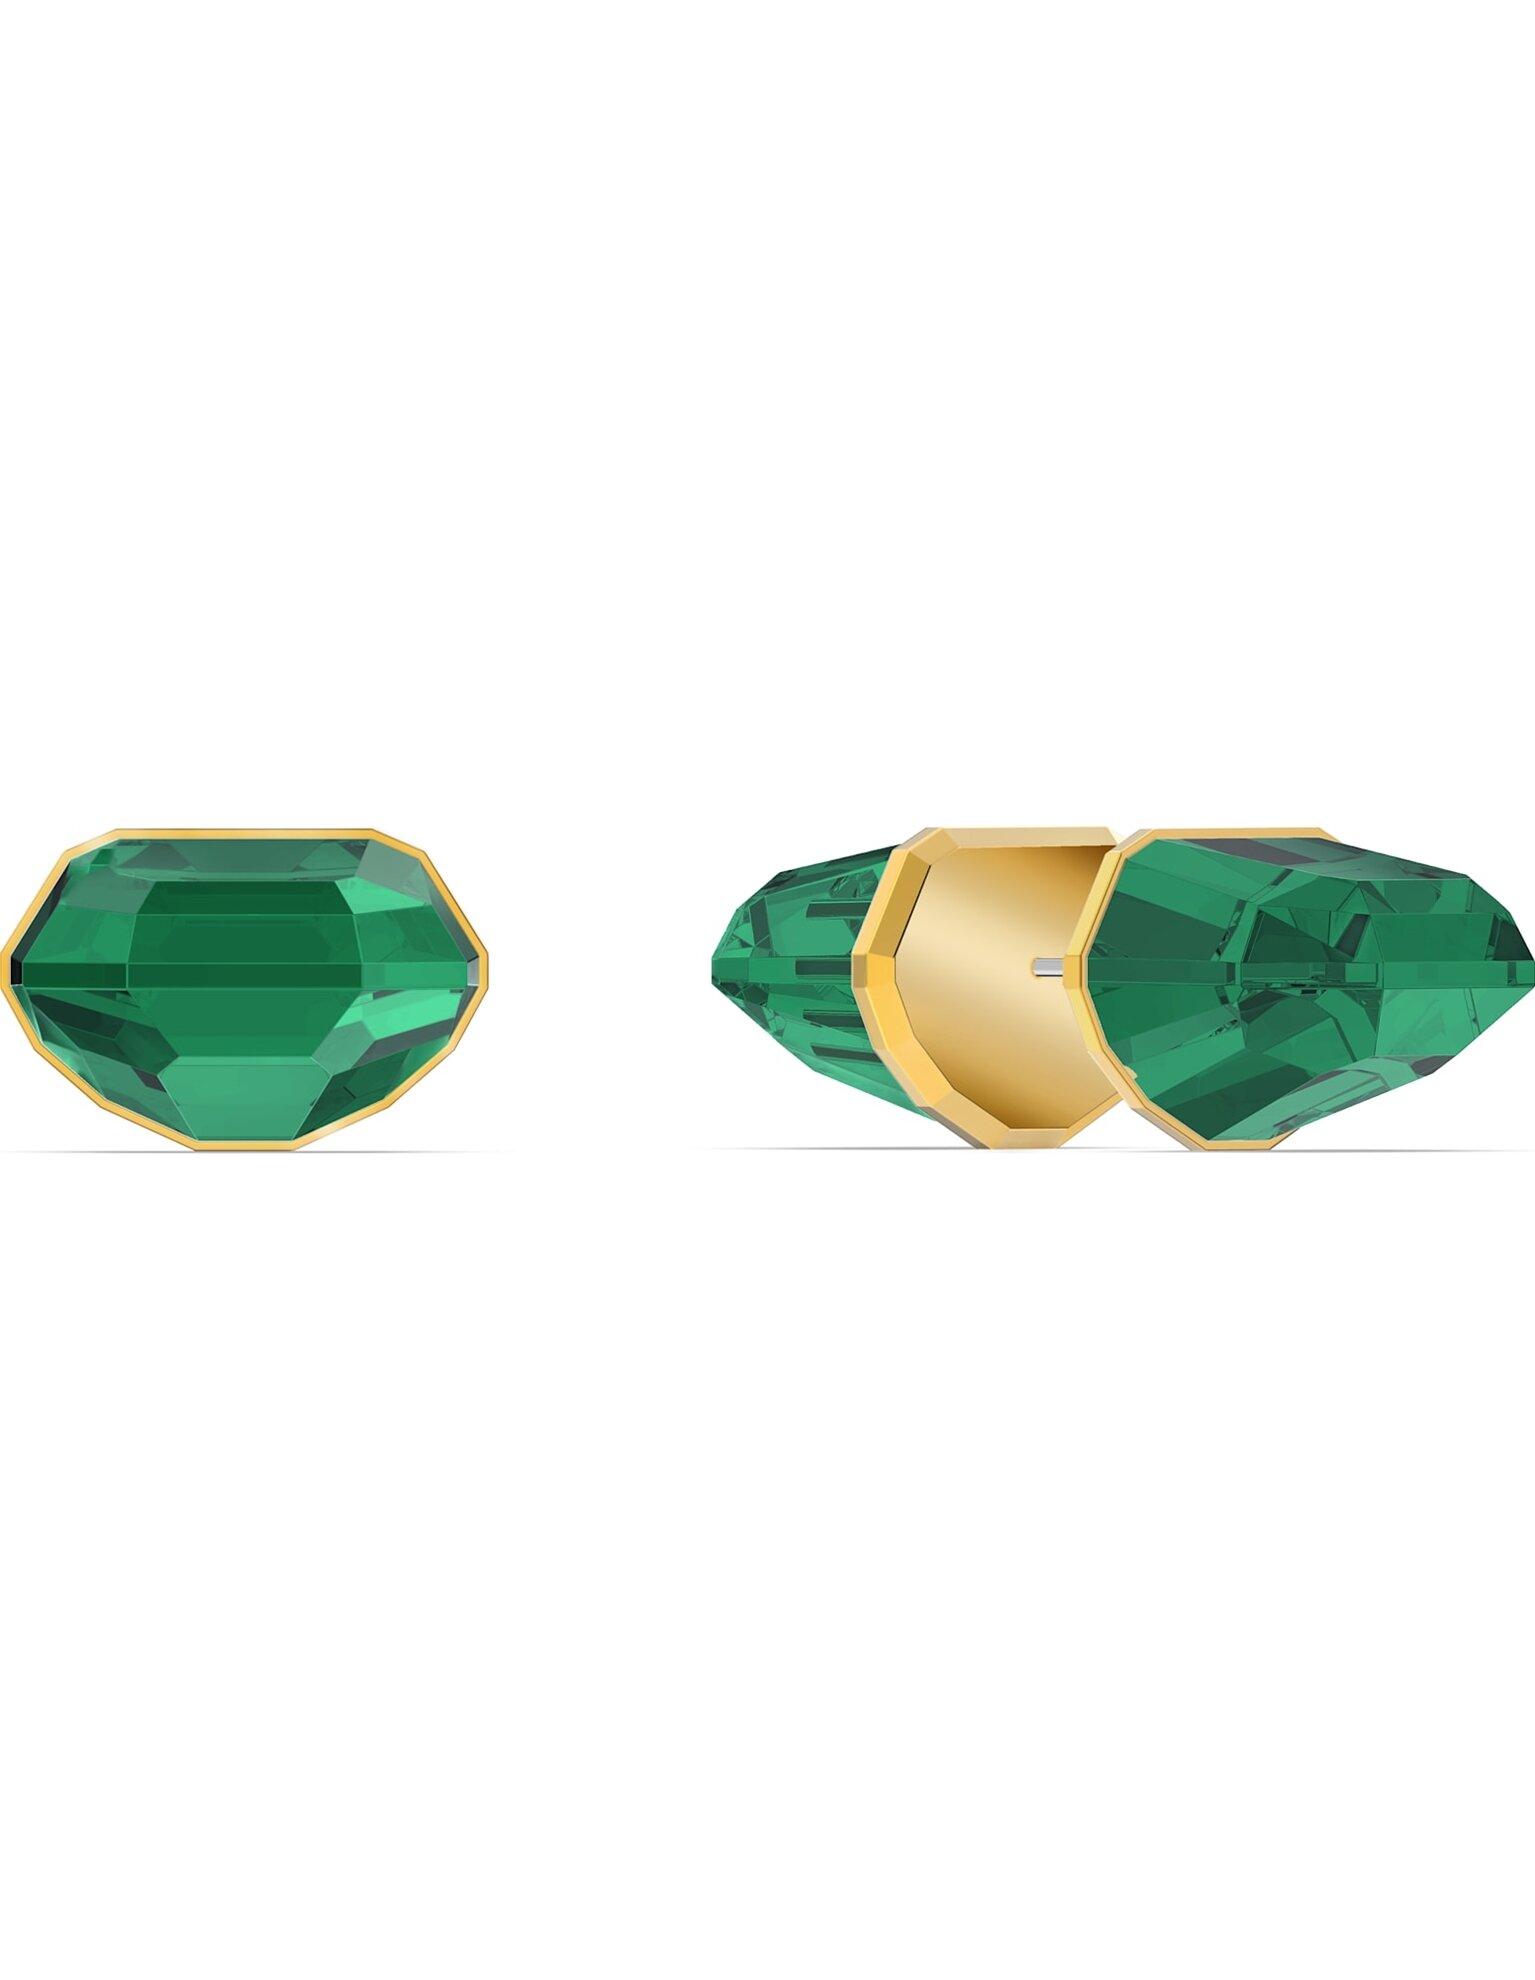 Picture of Lucent Çivi küpe, Tek, Yeşil, Altın rengi kaplama